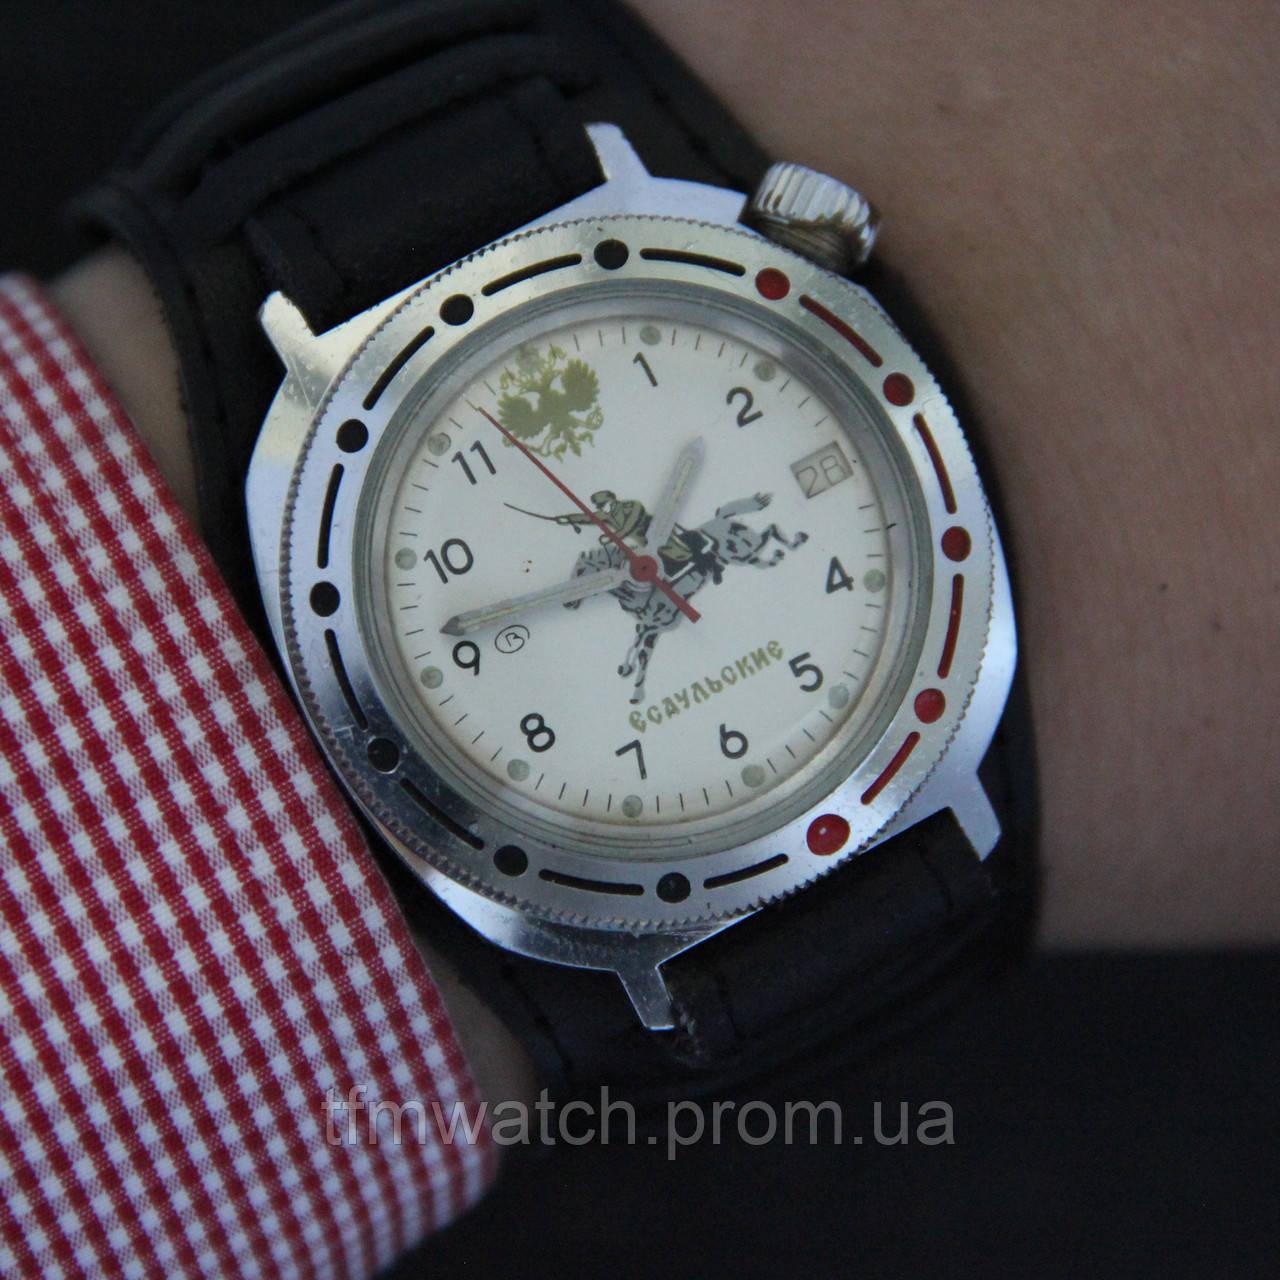 Восток продать часы в екатеринбурге часов скупка